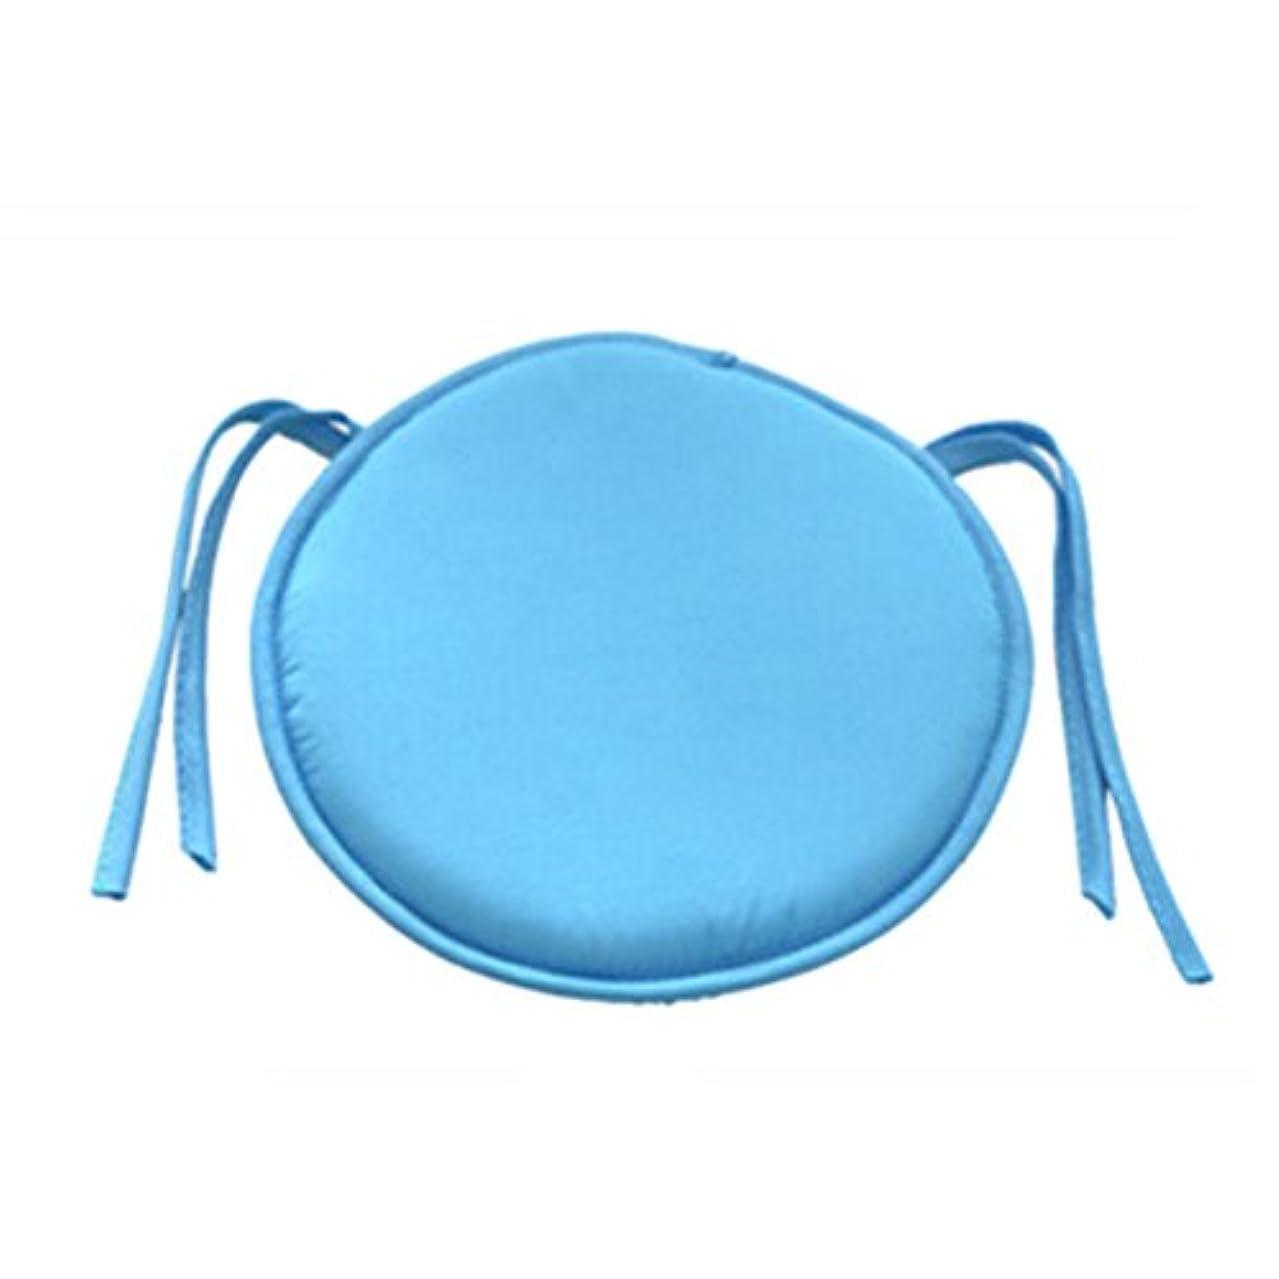 野望犯罪拍車LIFE ホット販売ラウンドチェアクッション屋内ポップパティオオフィスチェアシートパッドネクタイスクエアガーデンキッチンダイニングクッション クッション 椅子